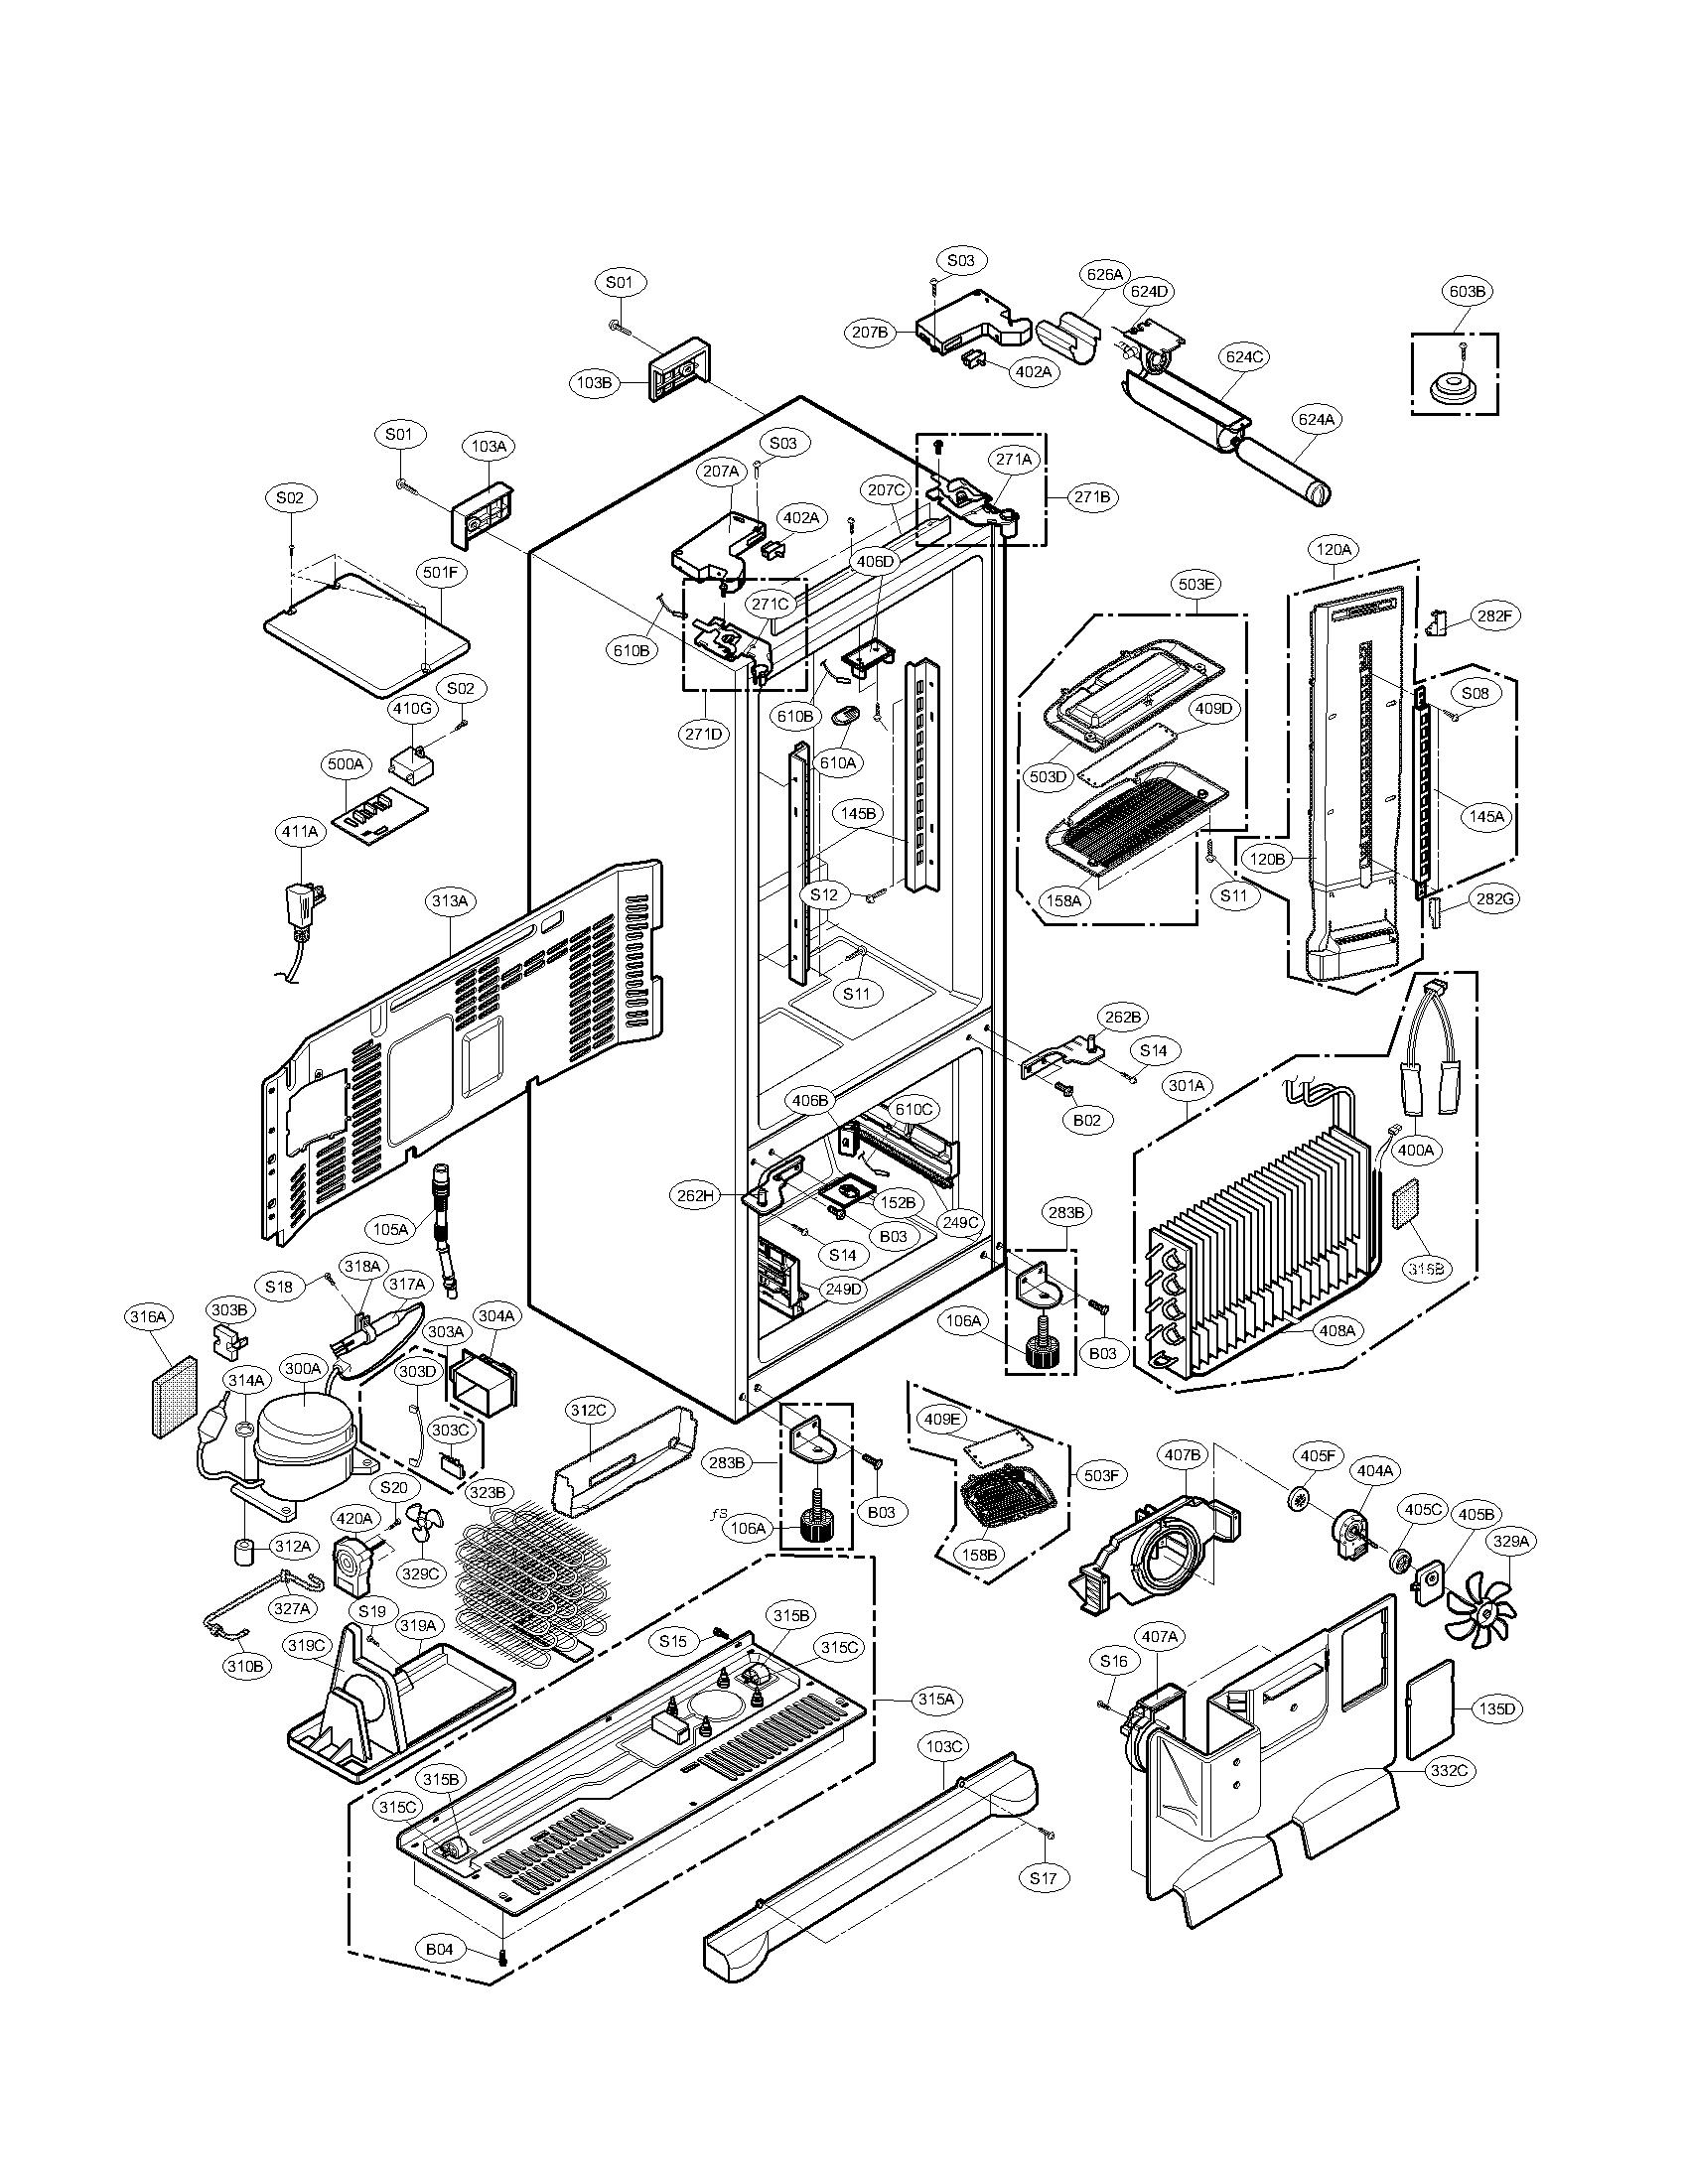 Refrigerator Parts: Kenmore Elite Refrigerator Parts Diagram